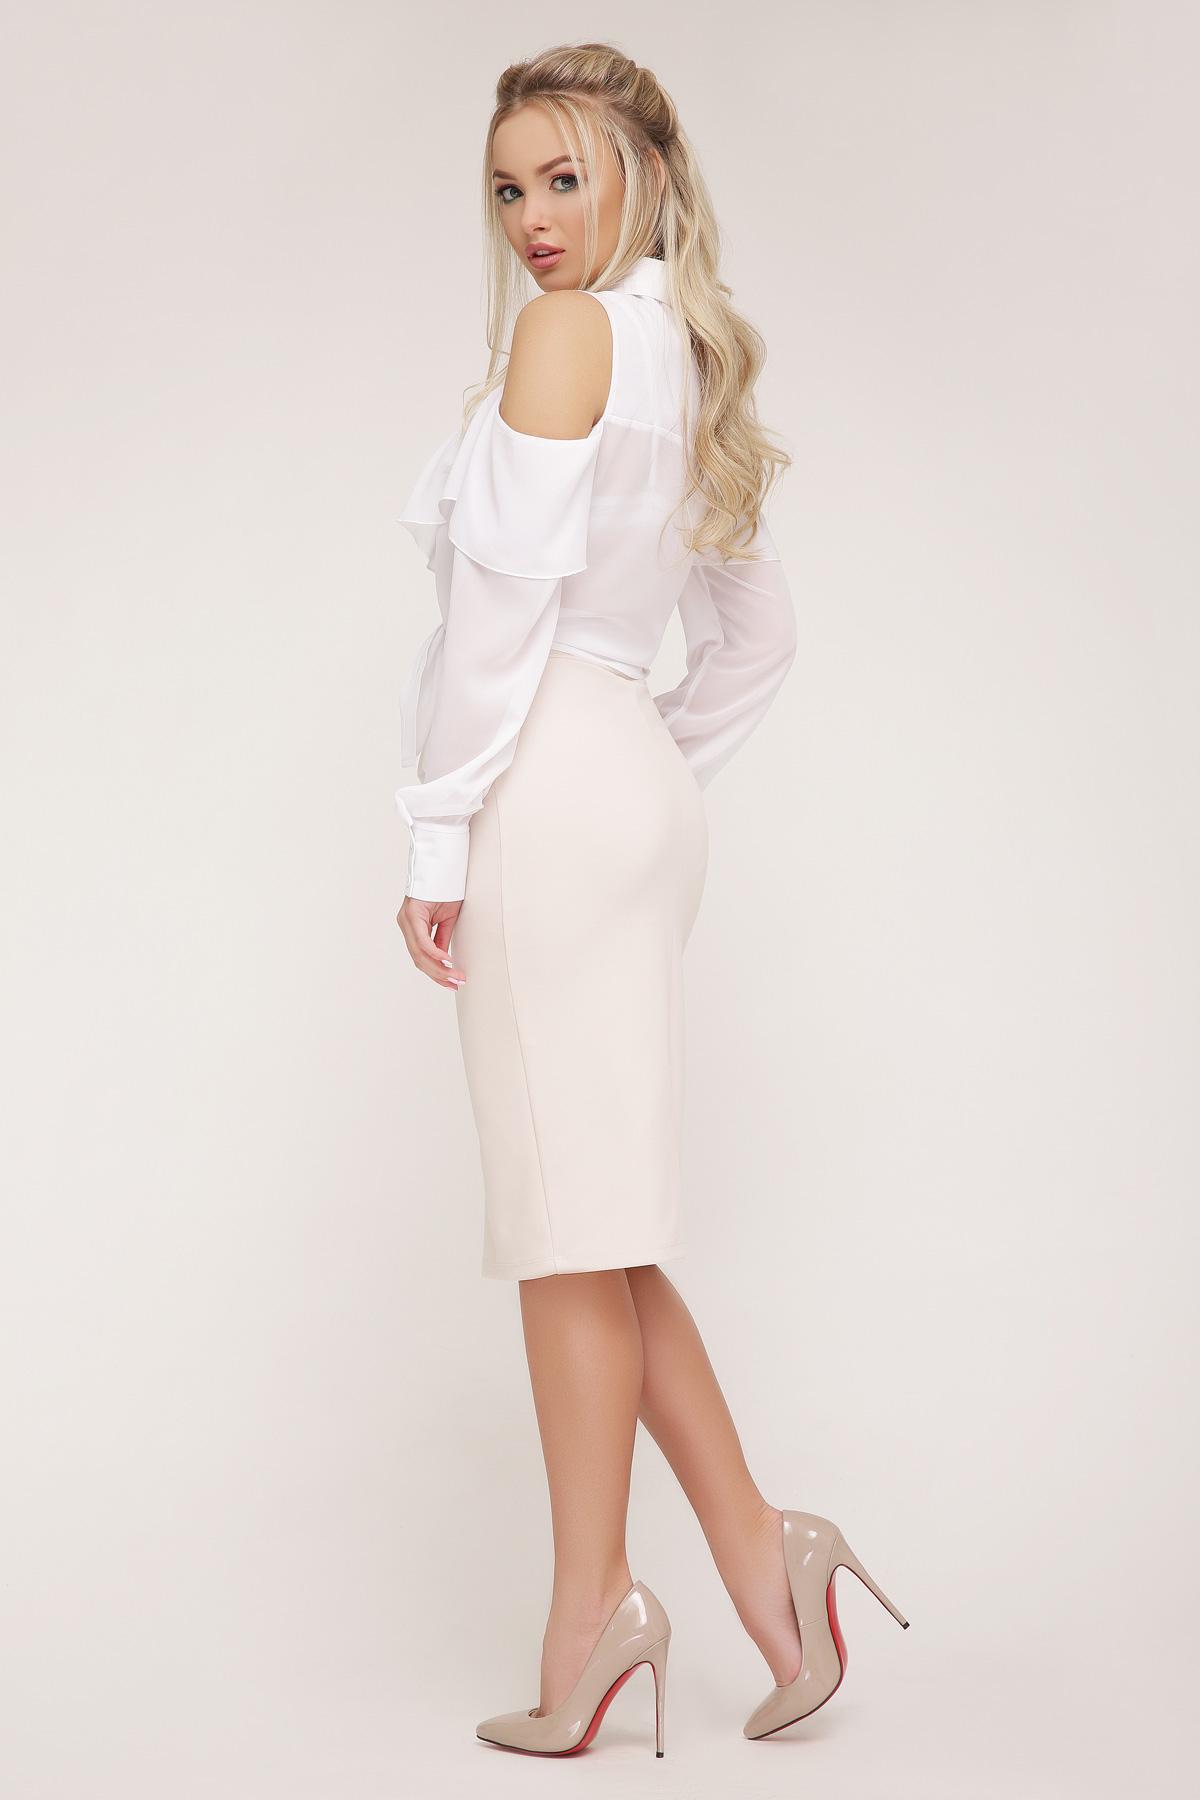 1f15ee0376b Цвет  белый купить  белая шифоновая блузка. блуза Джанина д р. Цвет  белый  цена